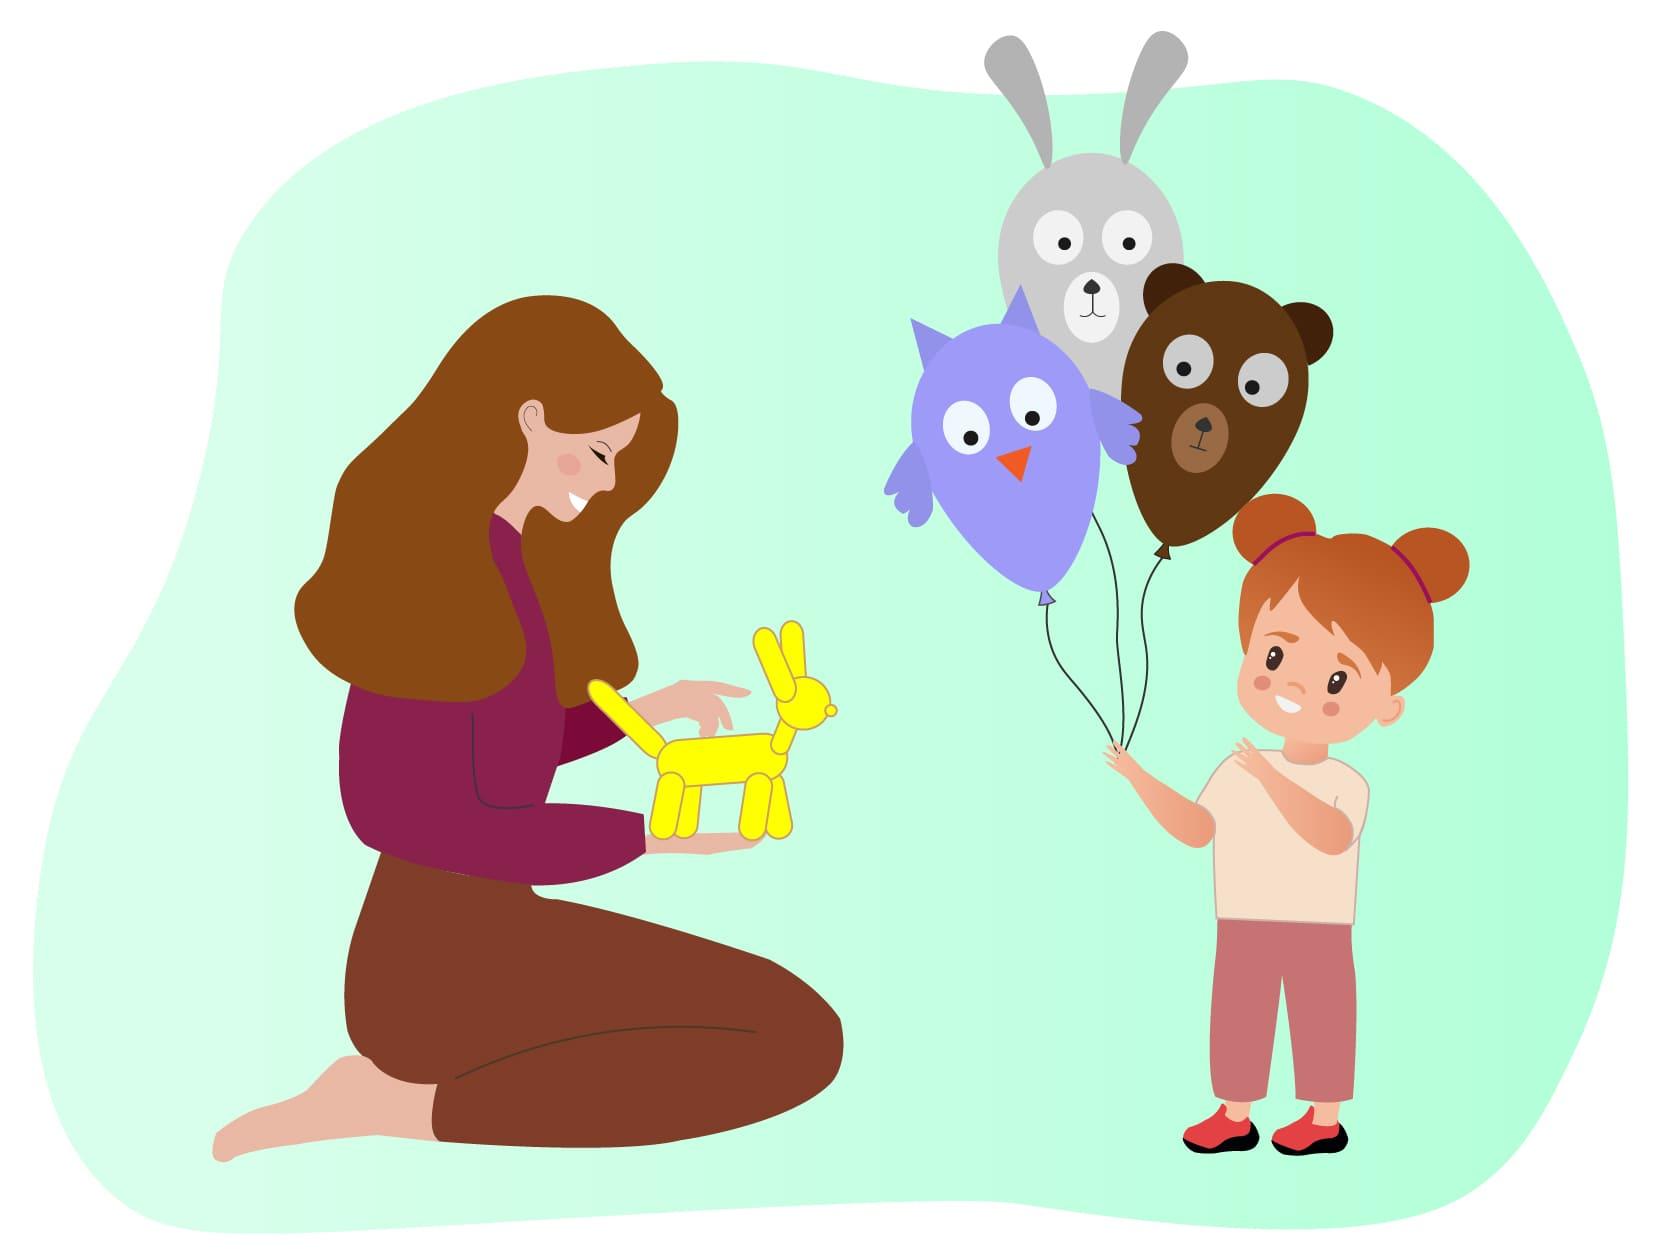 oppas met een ballonnenhondje in haar hand en een kind met drie dierenballonnen in haar hand